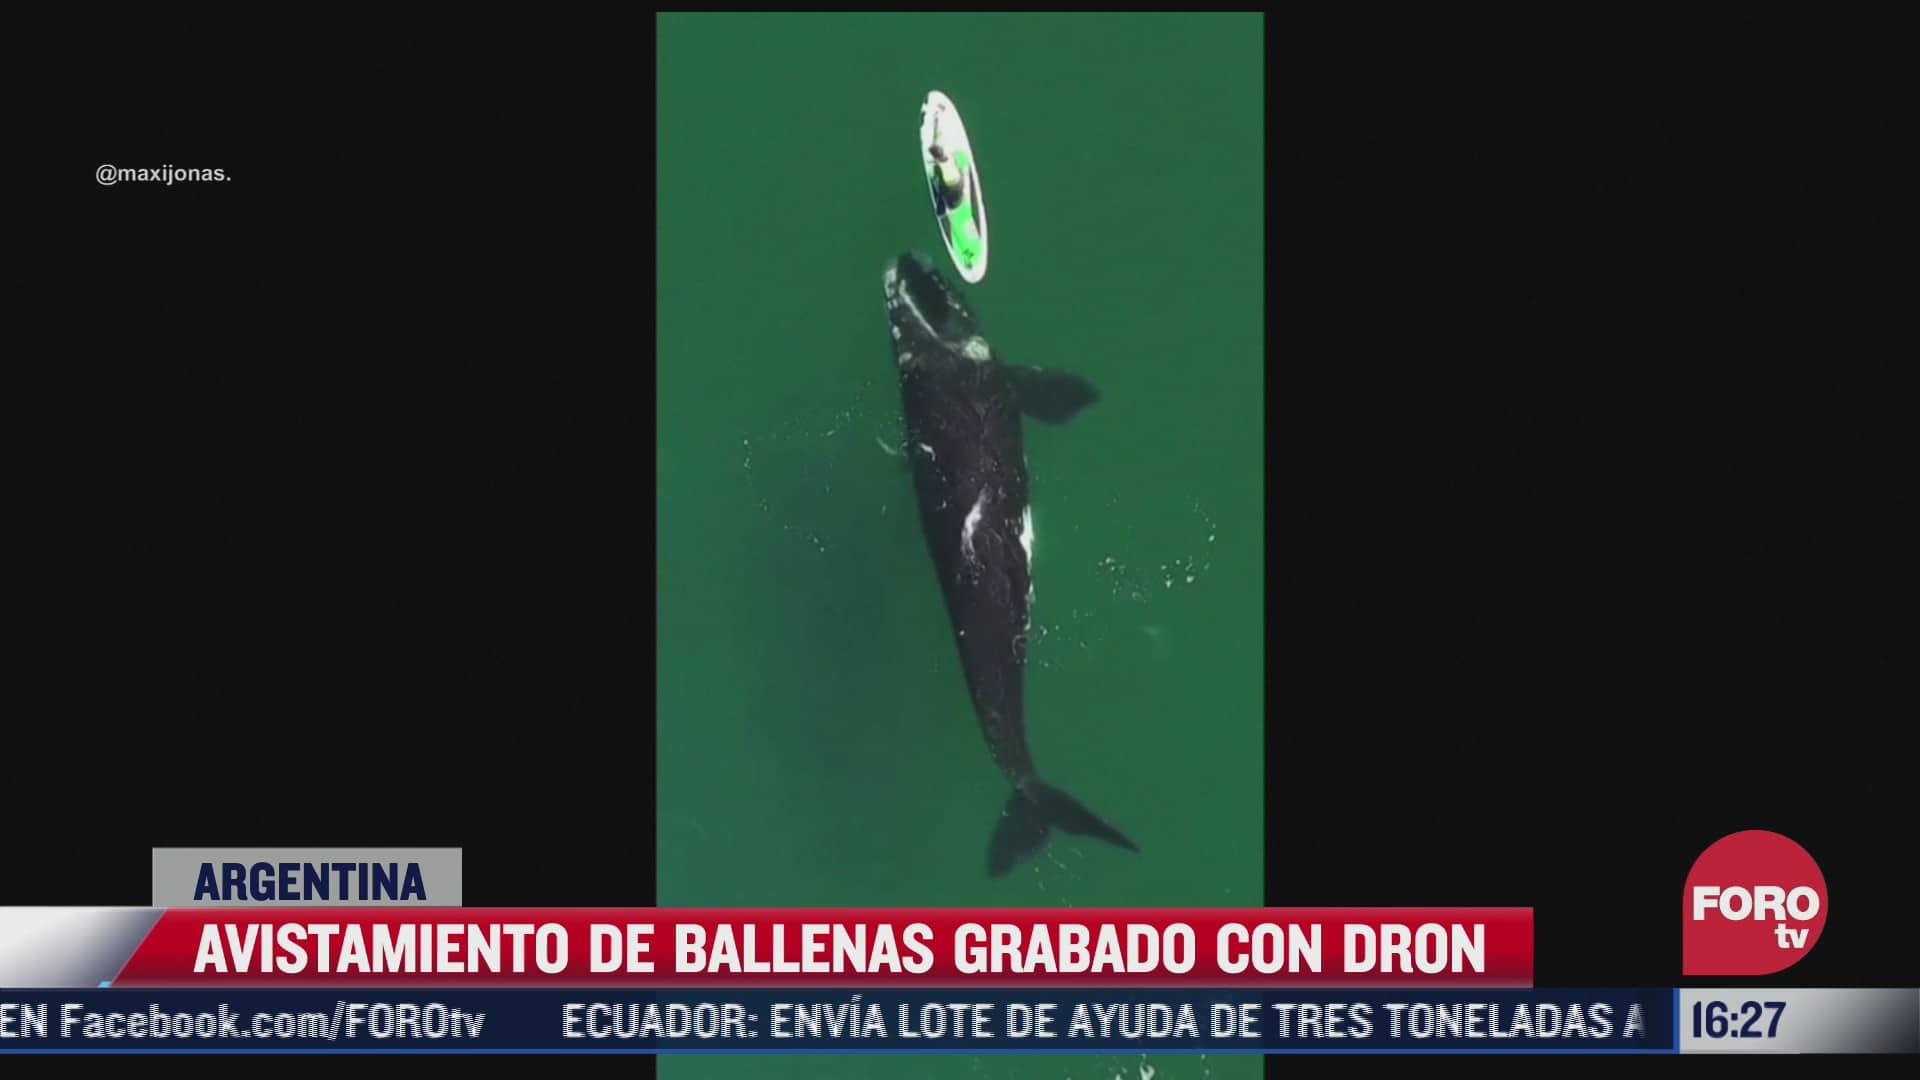 video un dron capta ballena nadando cerca de mujer en argentina